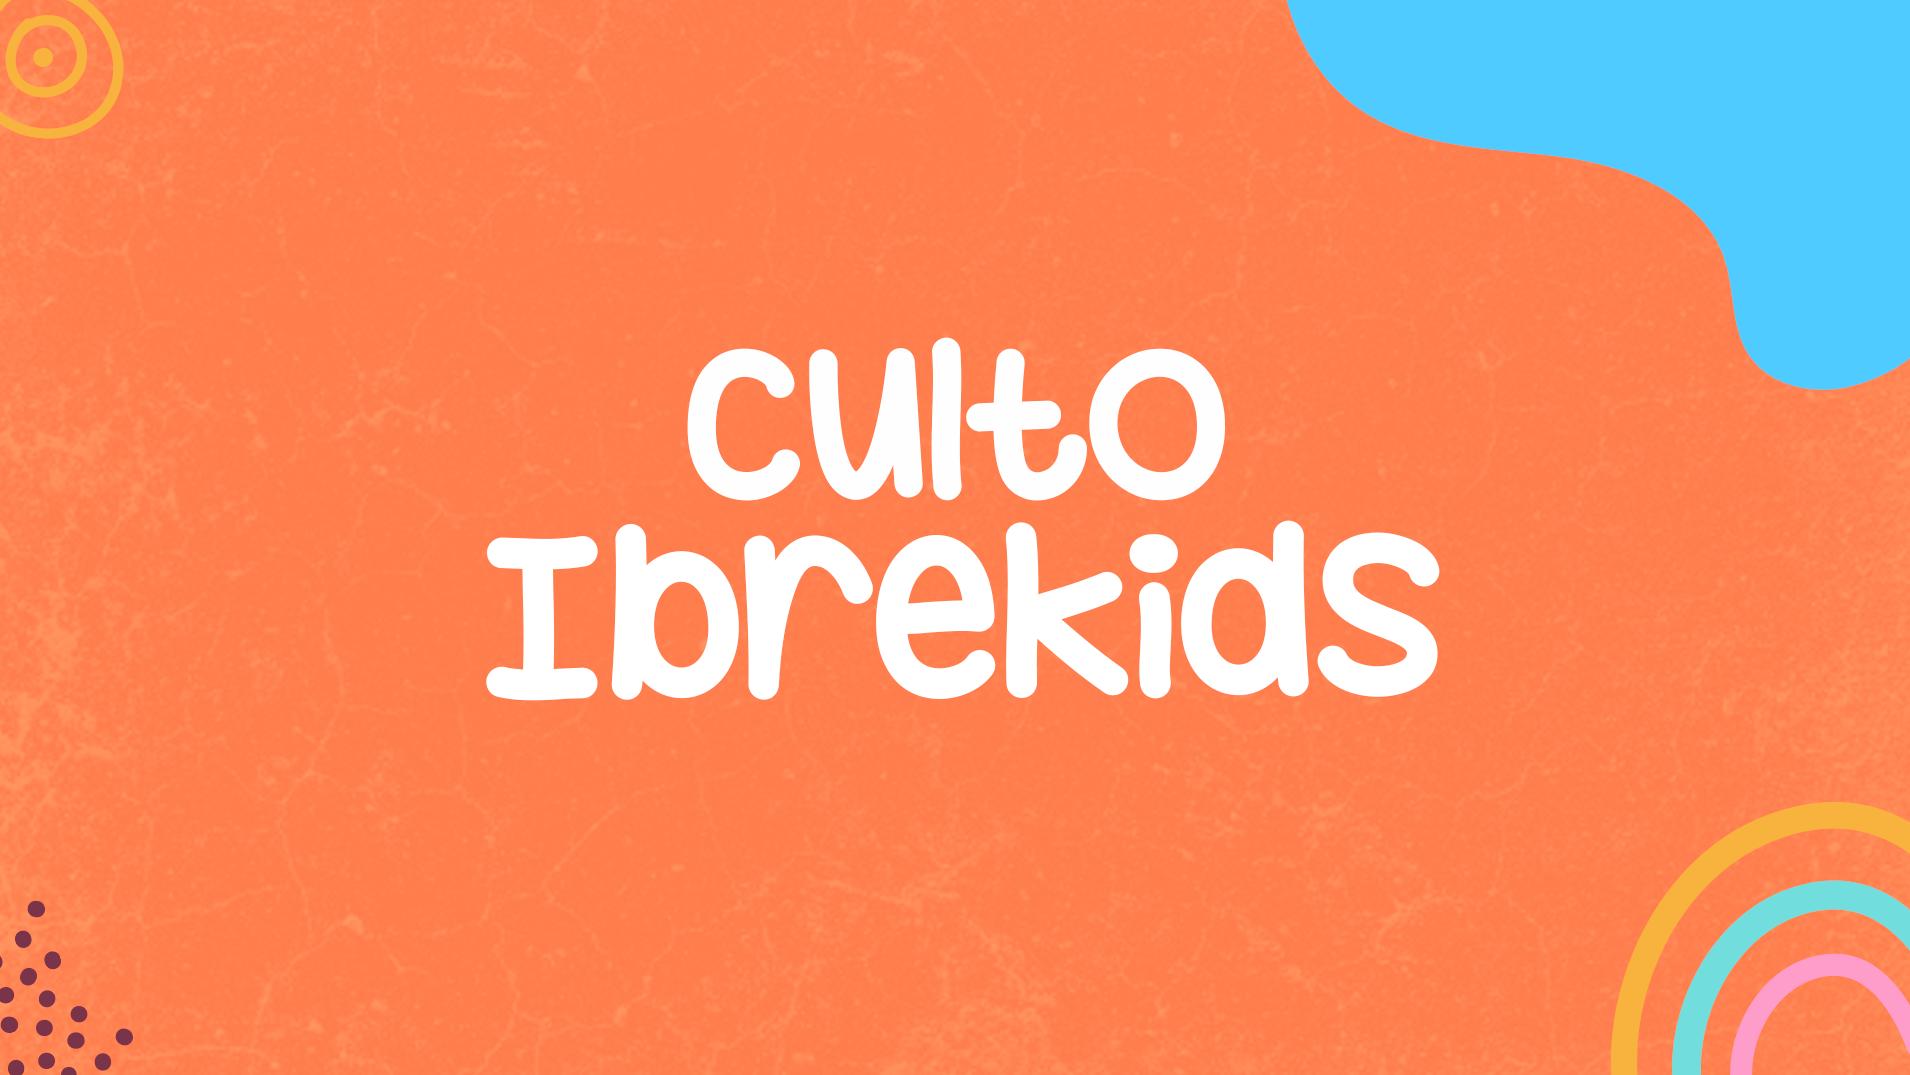 Culto Ibrekids - 17h